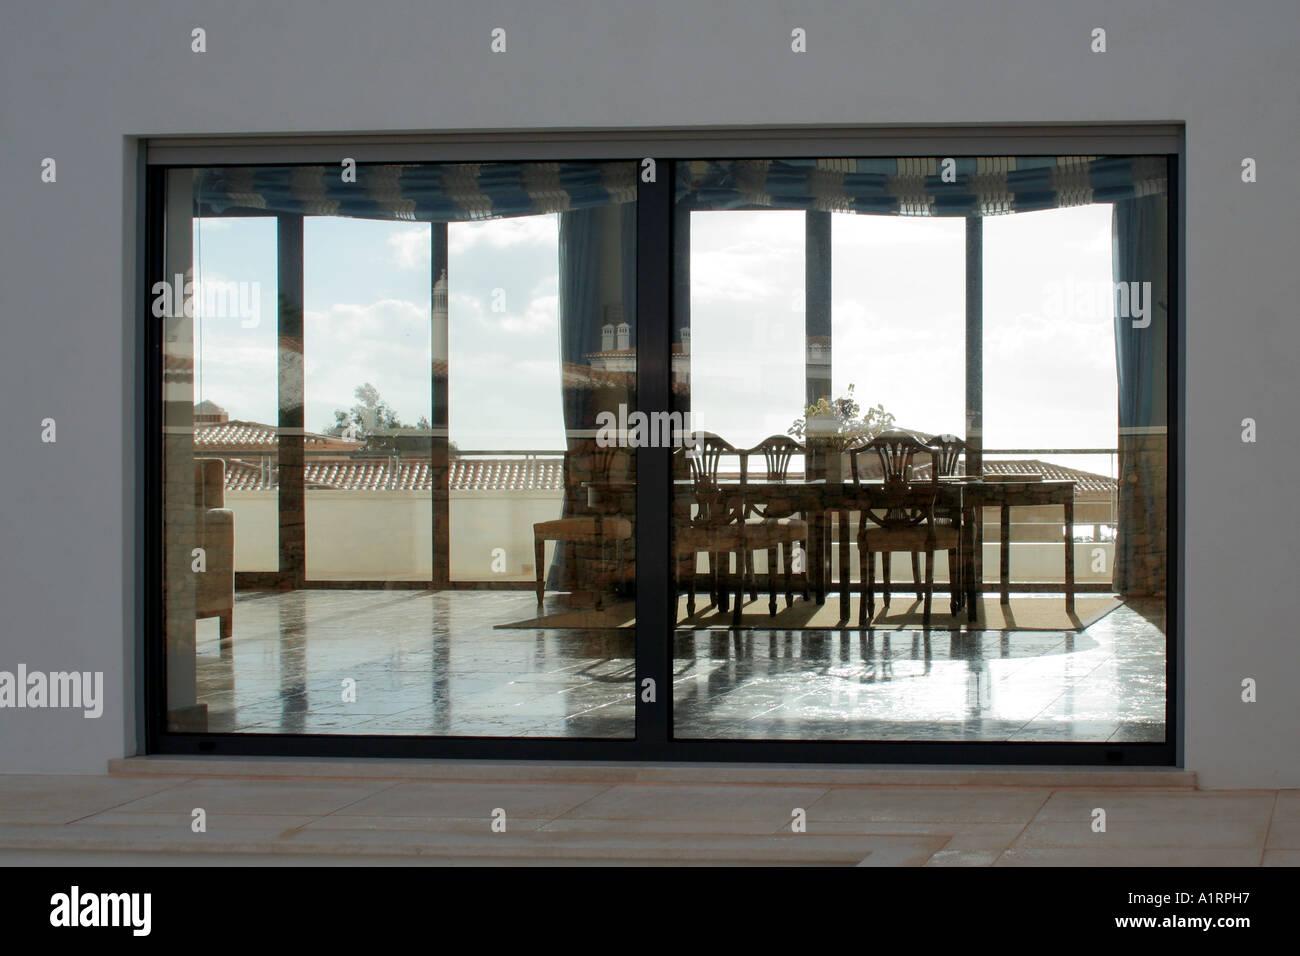 Ambiente Casa Modernista con una vista sala da pranzo visto dall'esterno attraverso la finestra di casa vicini riflettendo Immagini Stock